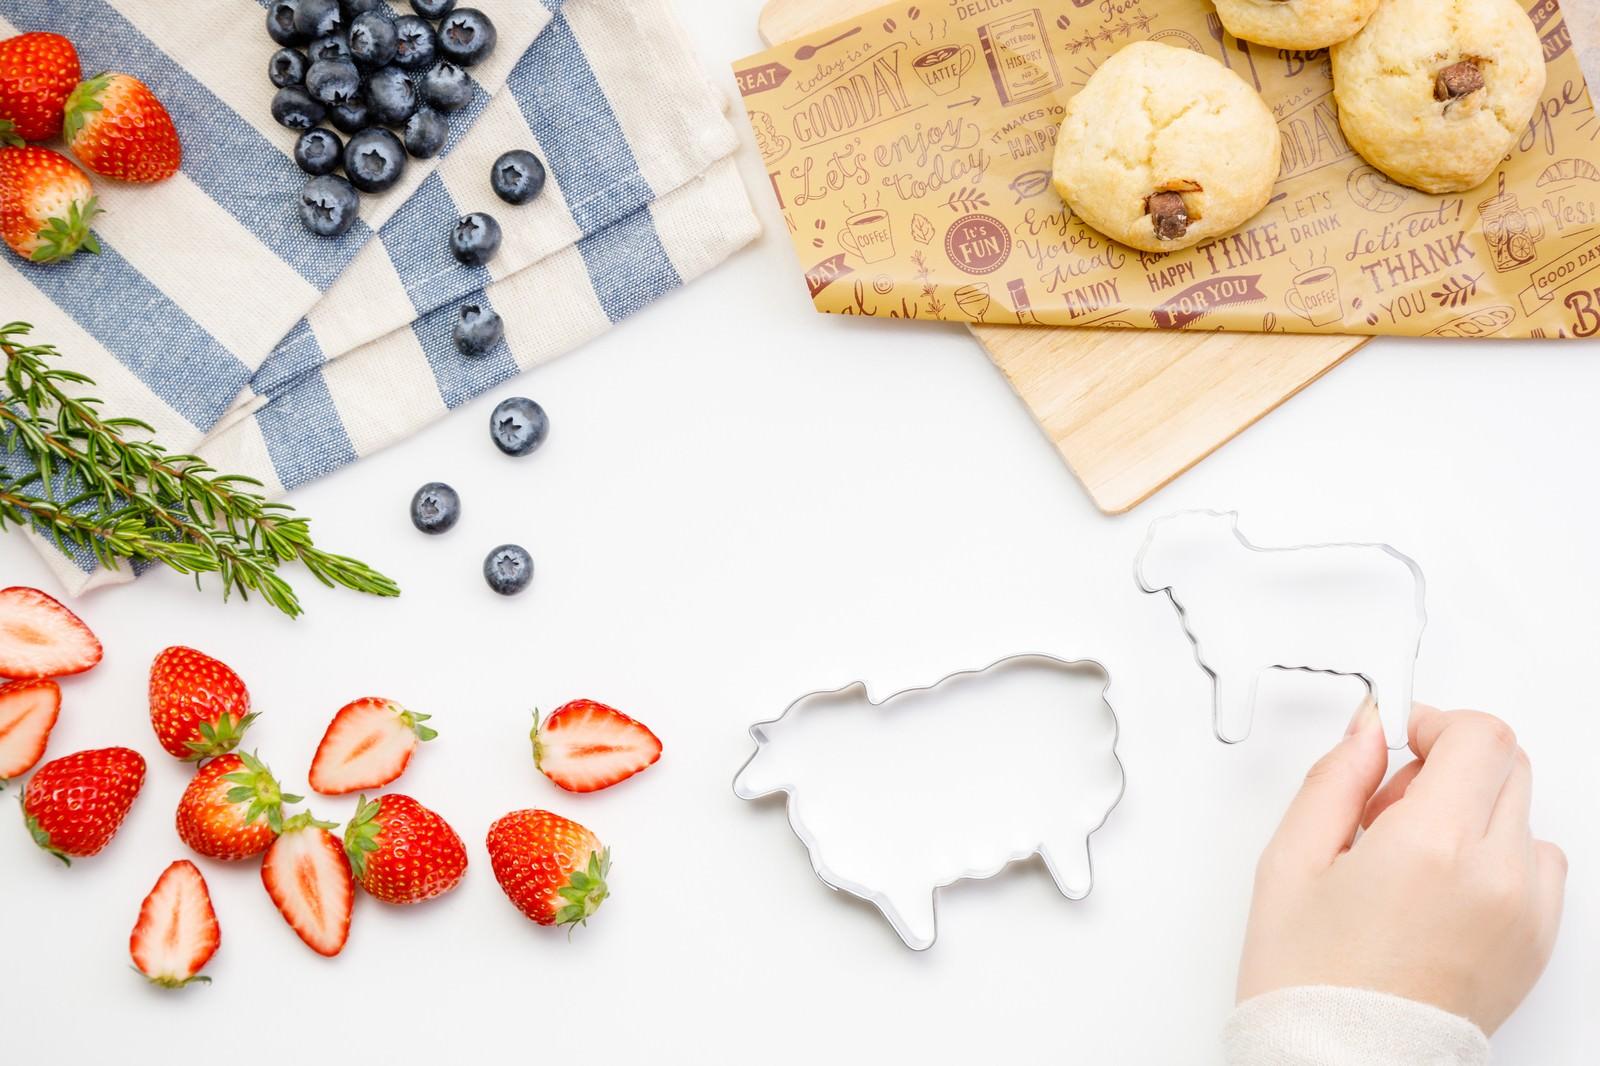 「フルーツとお菓子作りフルーツとお菓子作り」のフリー写真素材を拡大